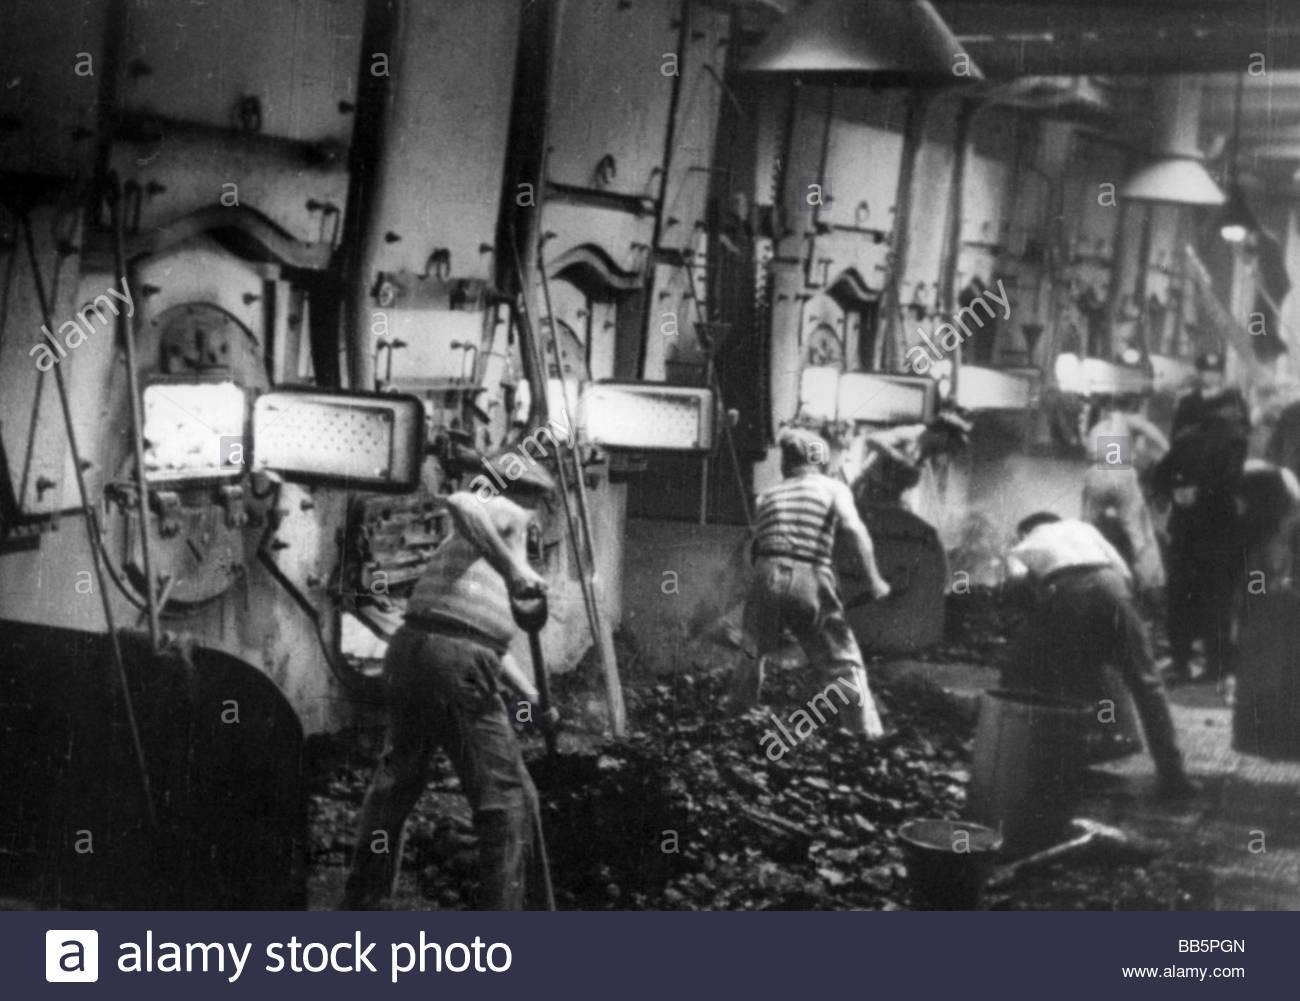 Boiler Room Scene